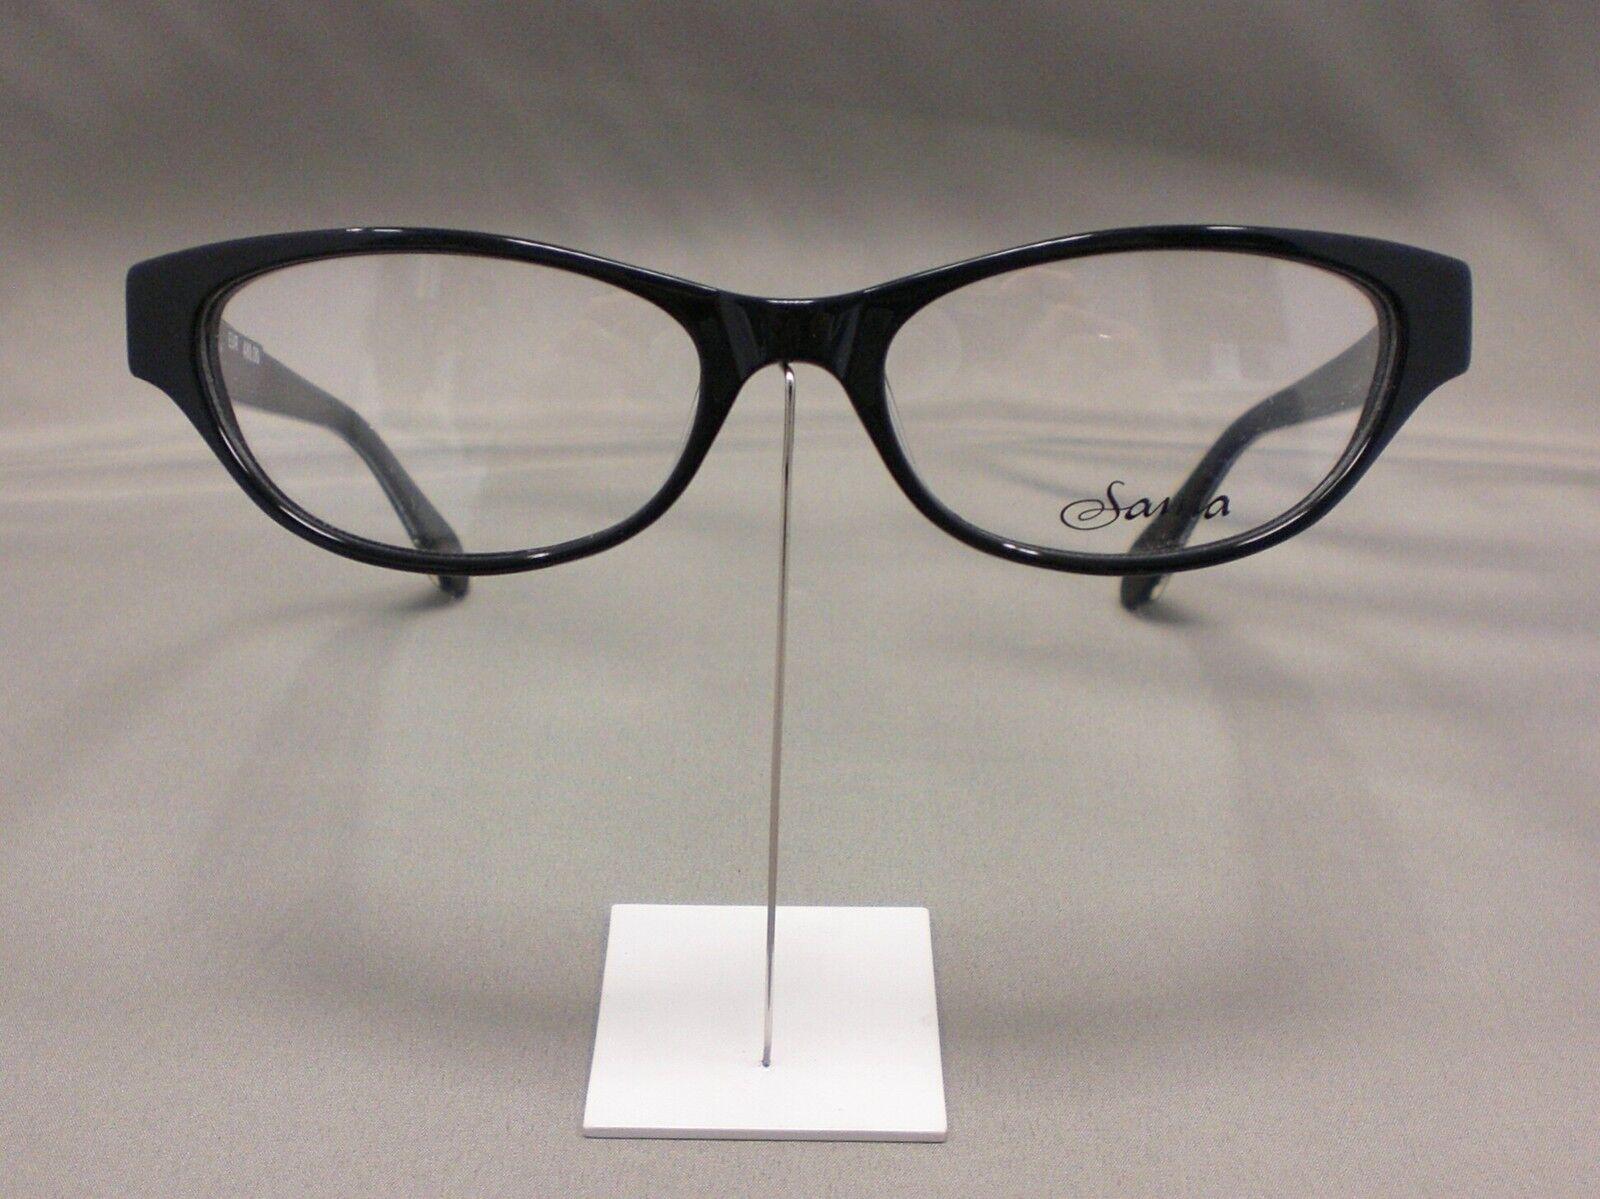 Original GOLDamp;WOOD Brille Brillenfassung I17 Farbe 51 schwarz ...